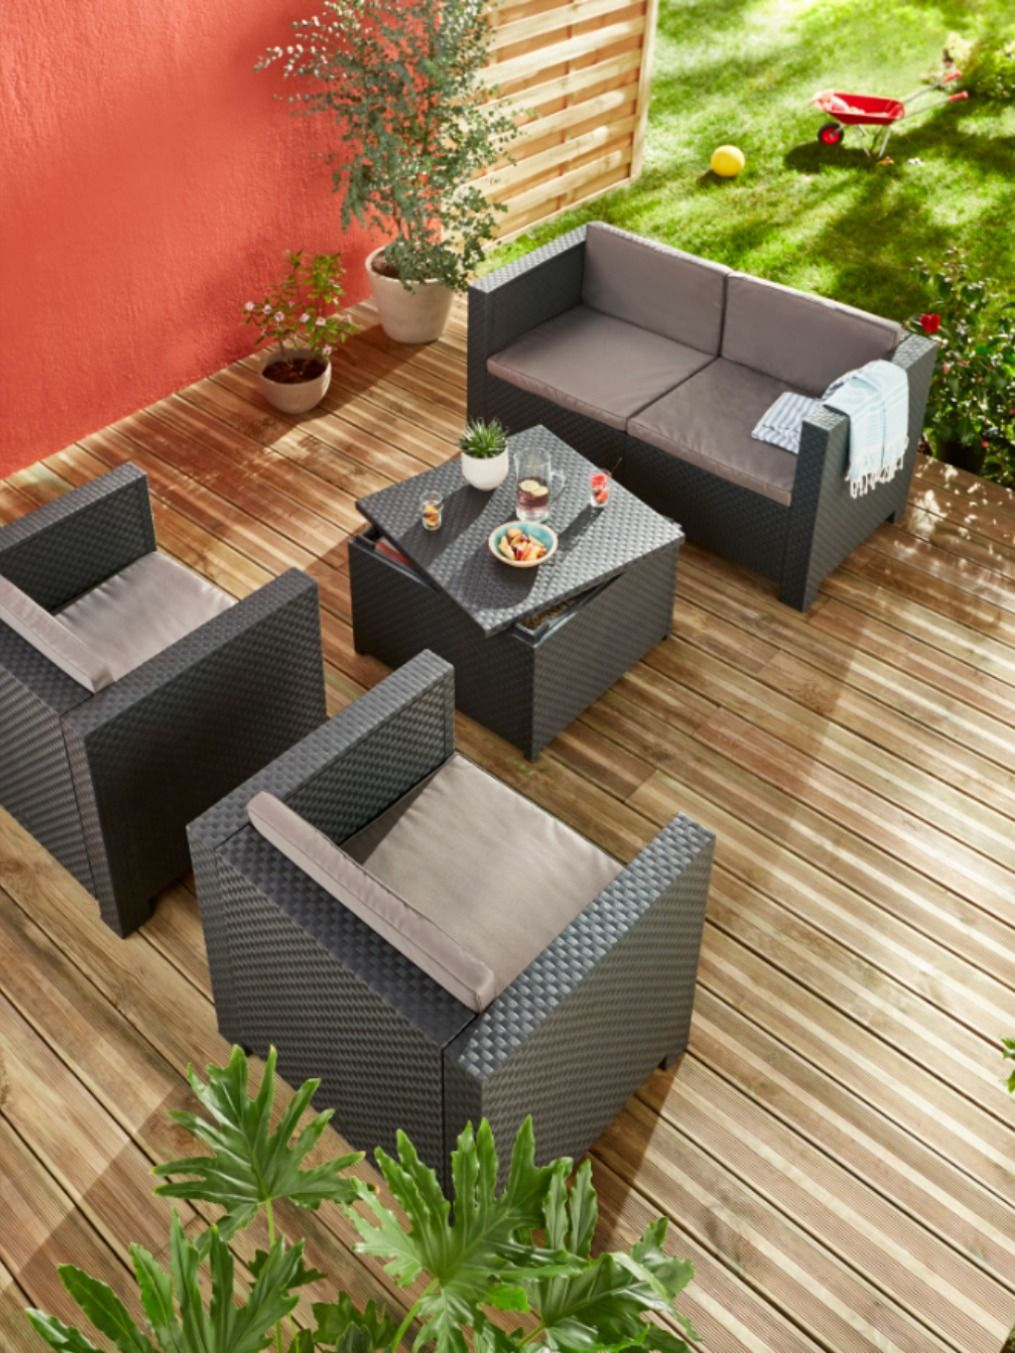 Salon Bas De Jardin Blooma Diva Confort 4 Personnes | Salon ... tout Mobilier De Jardin Blooma